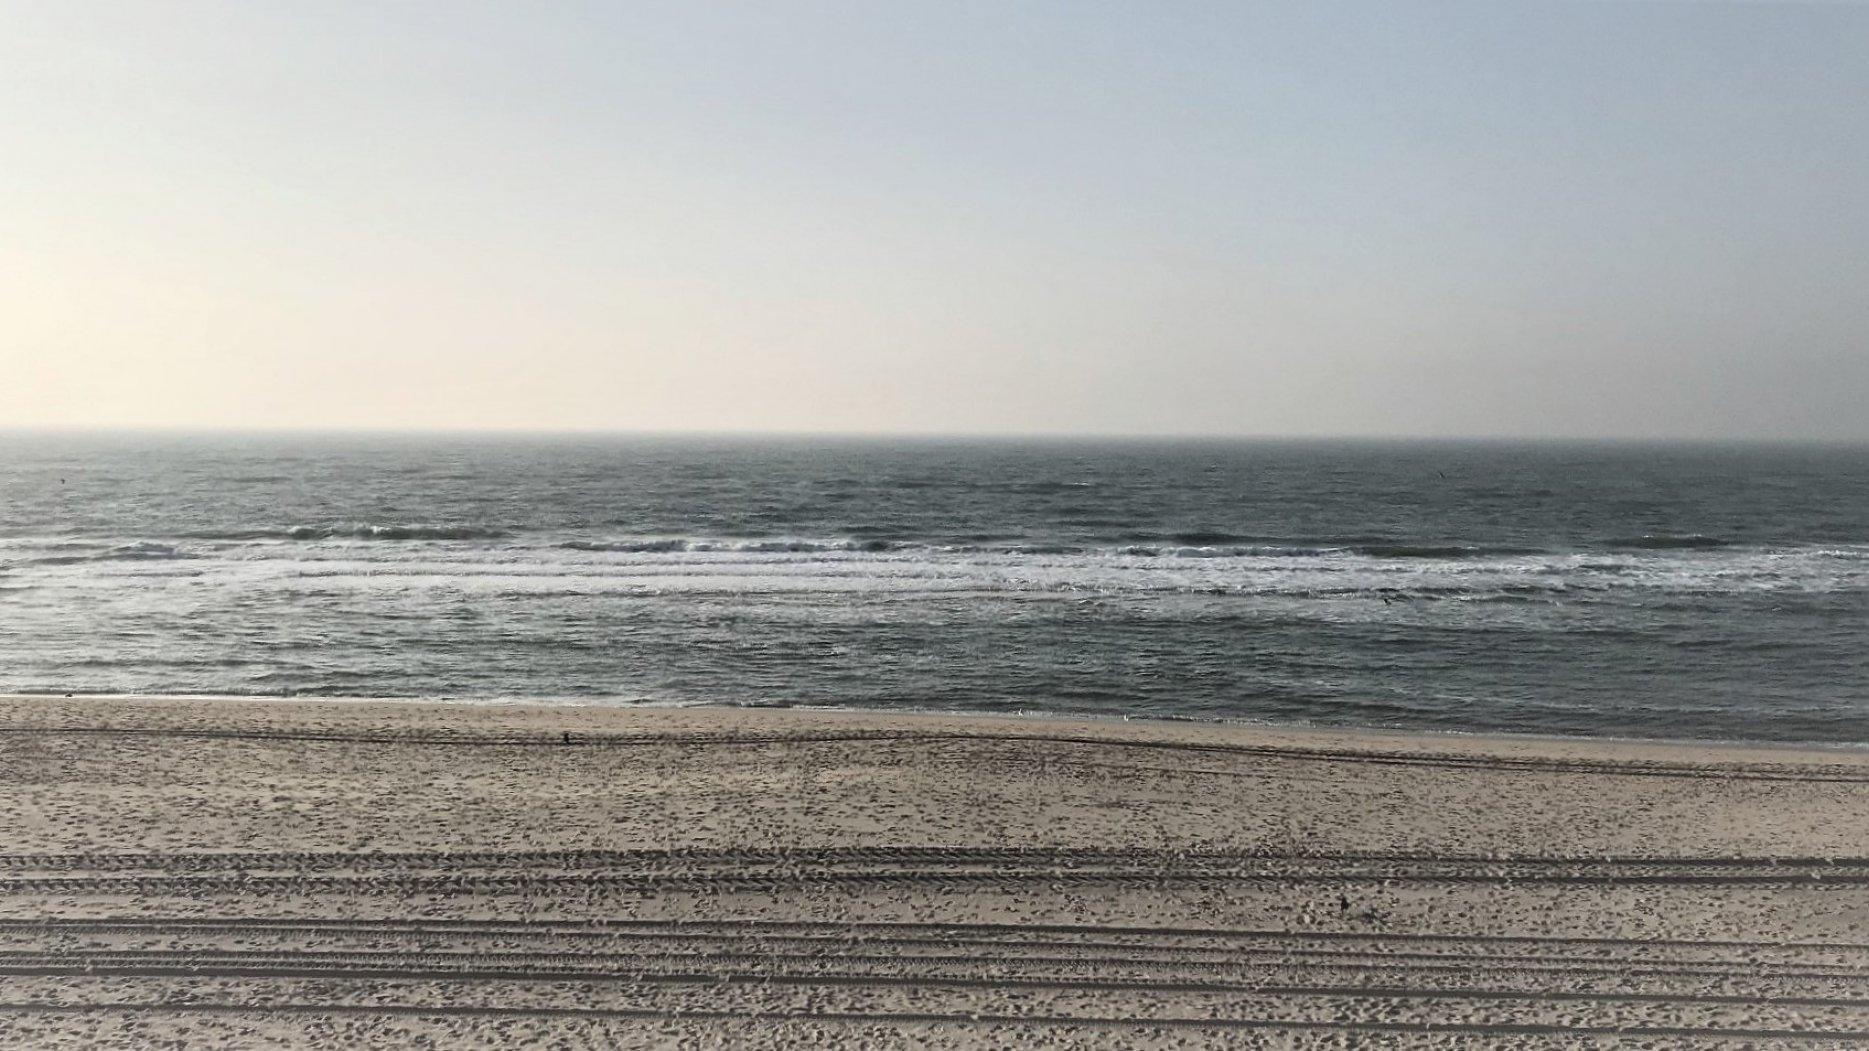 Ein Strand, das Meer und der wolkenlose Himmel darüber.